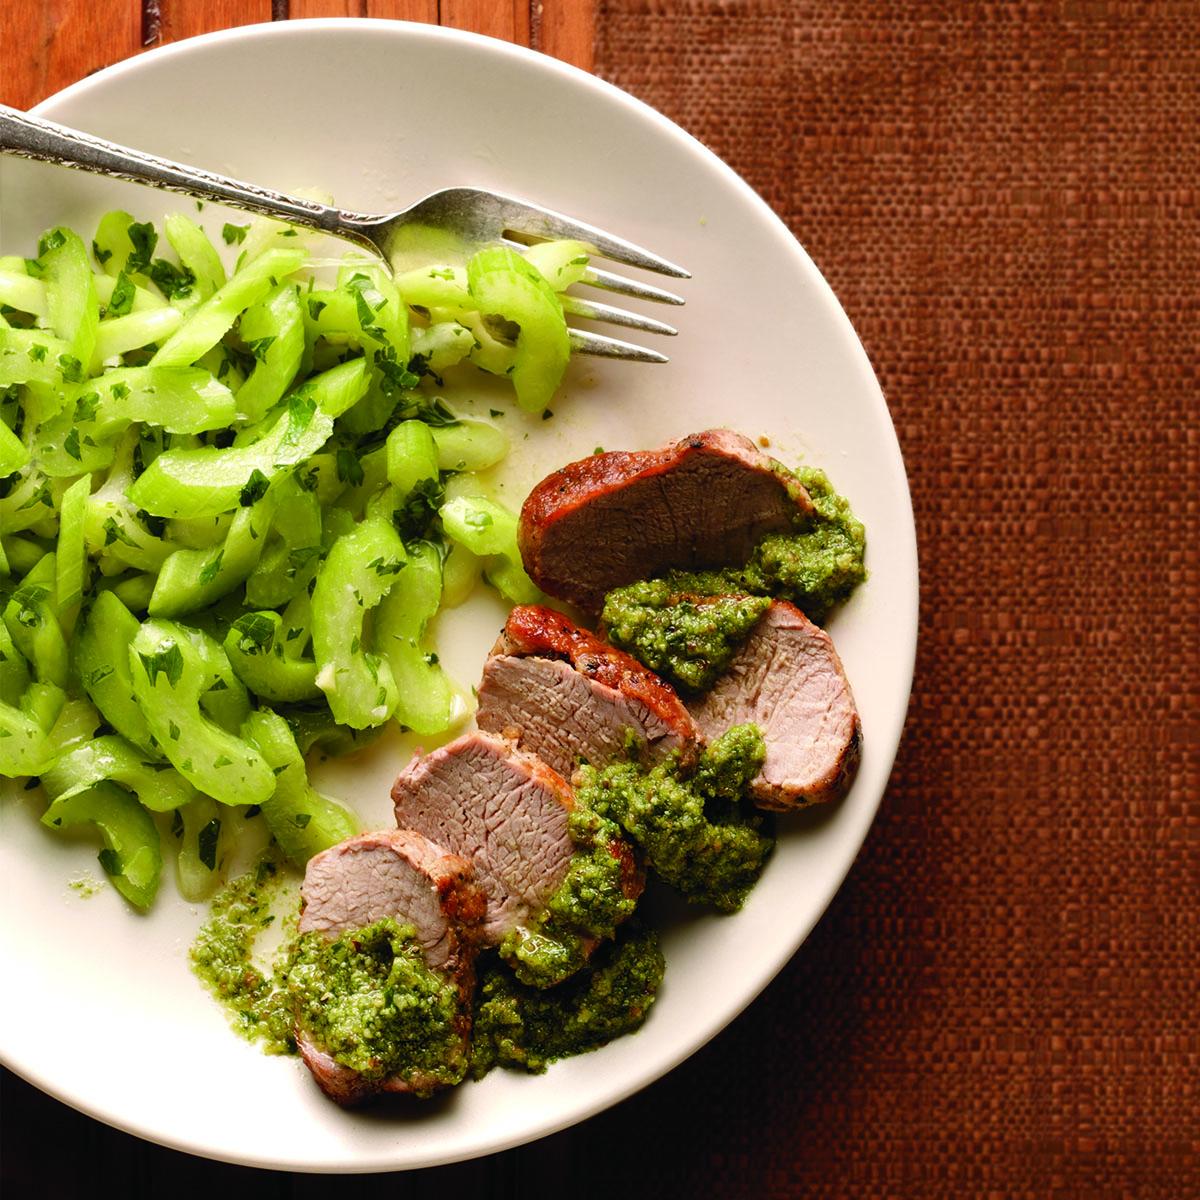 Roast Pork Tenderloin with Celery Slaw